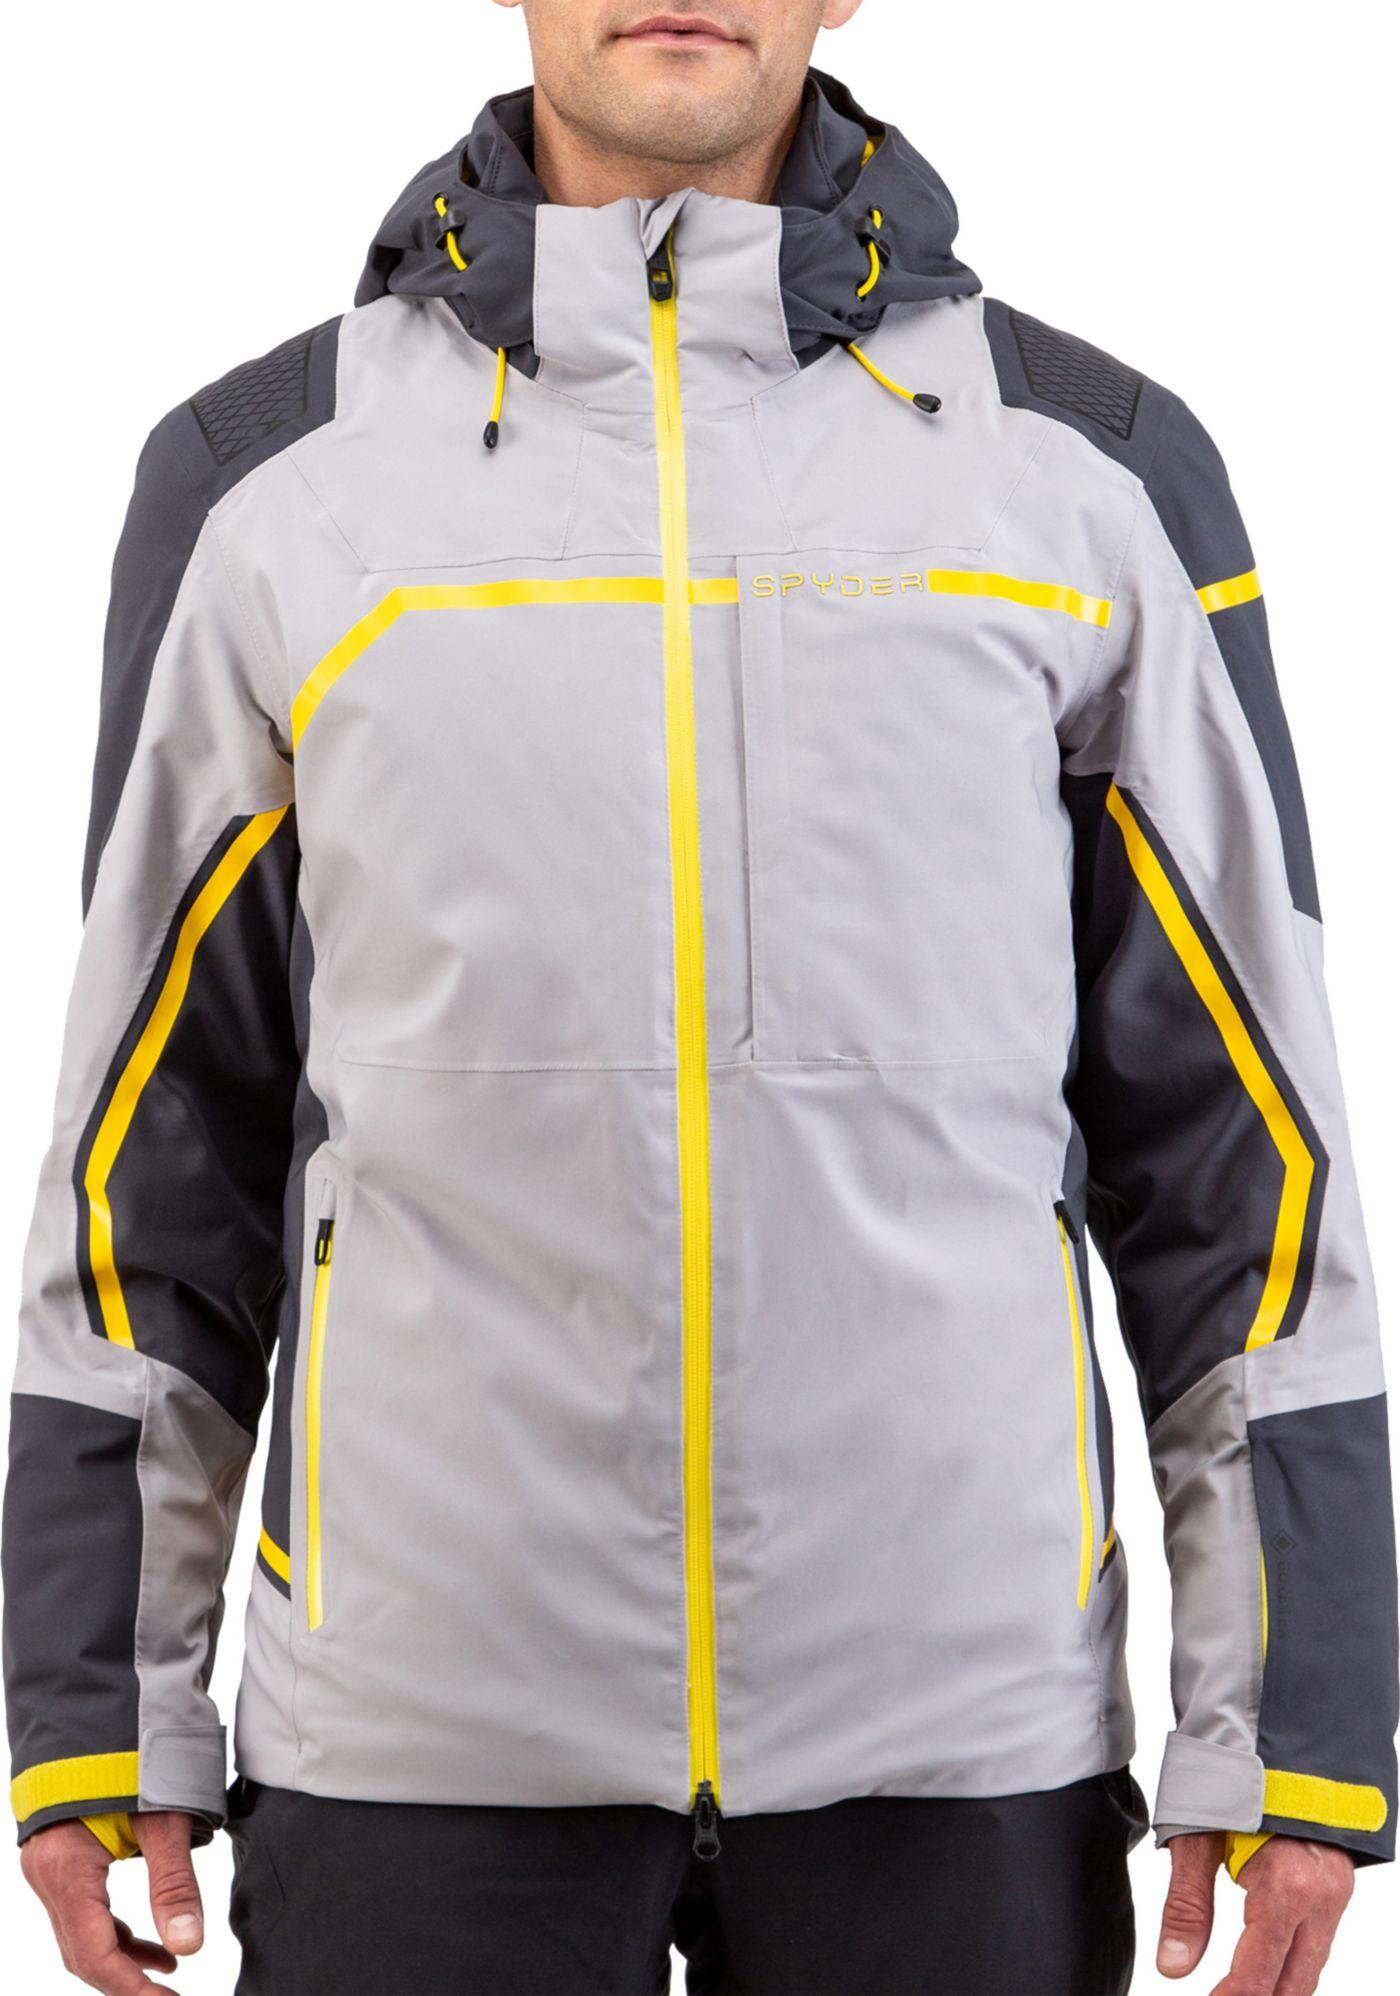 Spyder Men's Titan GTX Ski Jacket